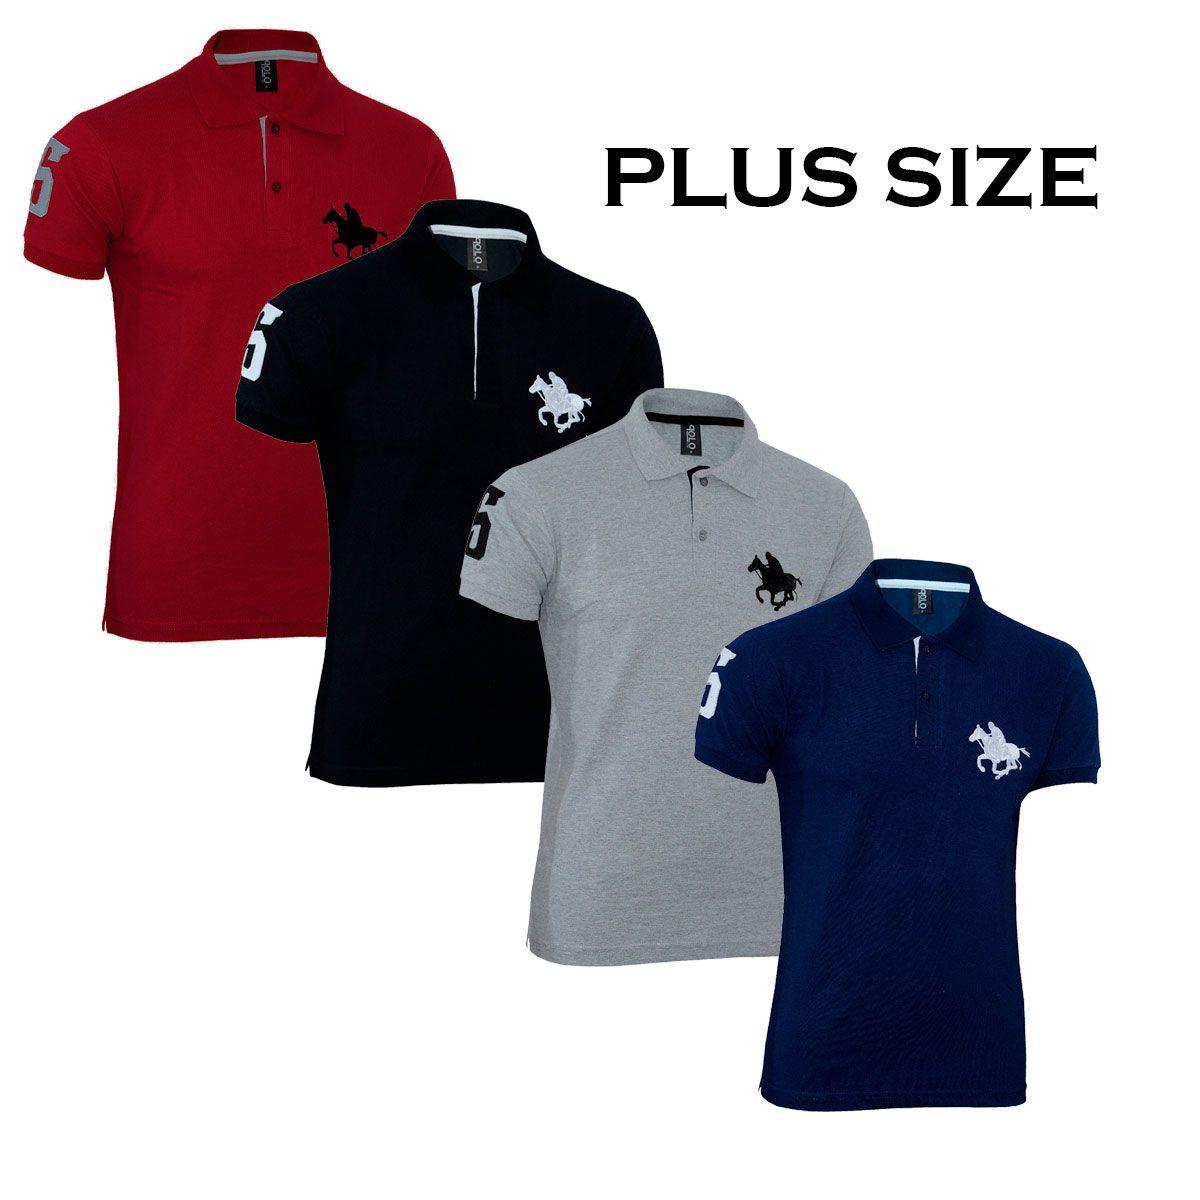 Kit Polos Masculinas Plus Size RG518 Cinza-Vermelho-Preto-Marinho